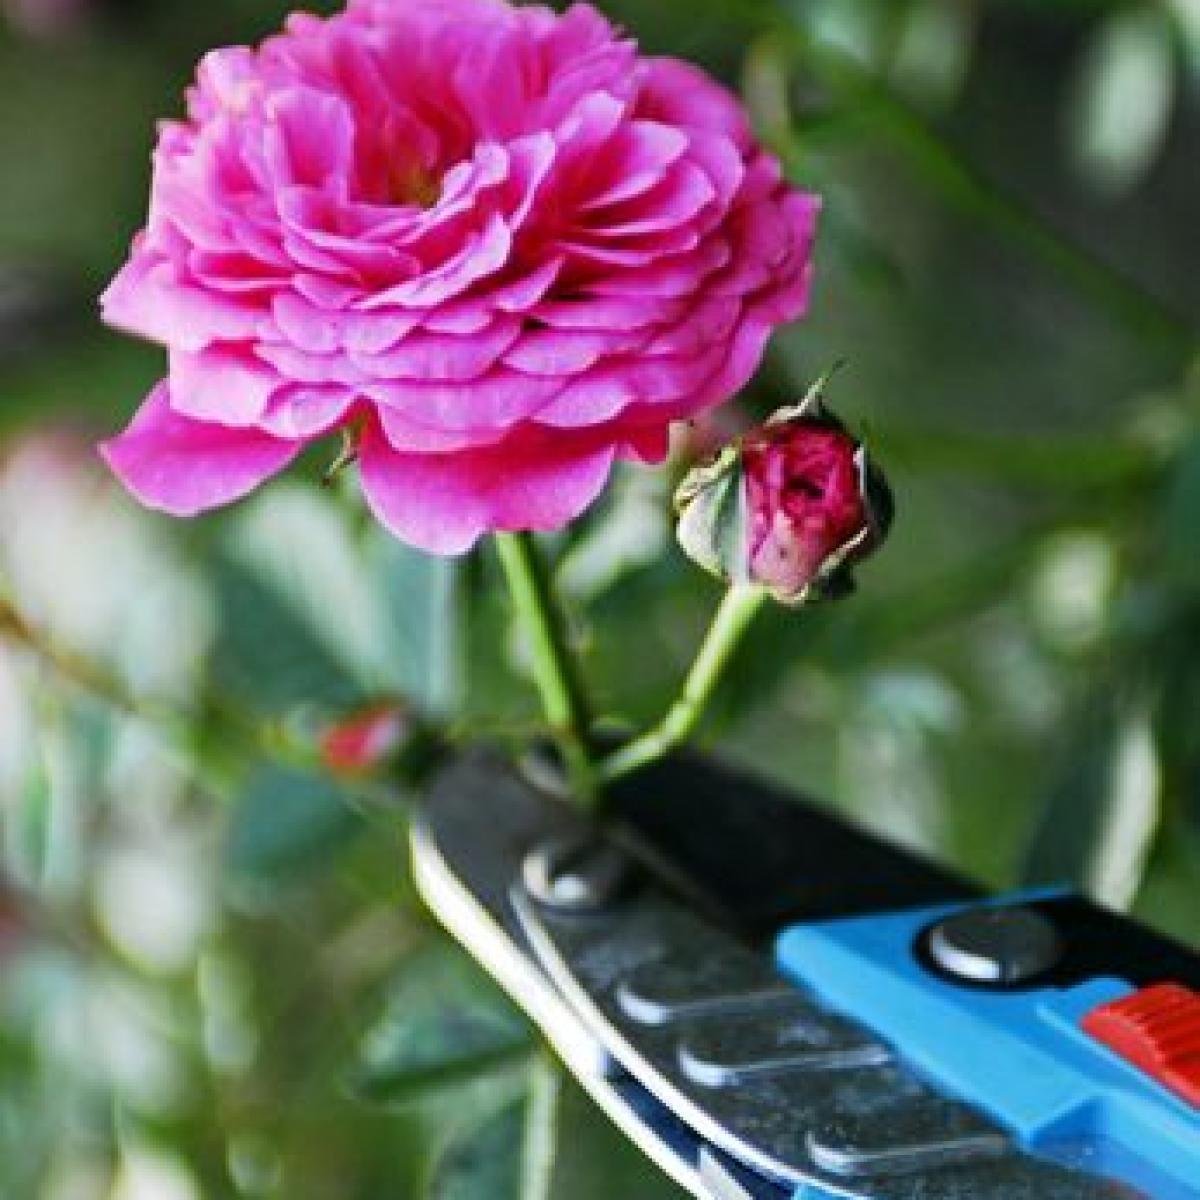 tipps für die rosenpflege: hegen und pflegen - bauen & wohnen